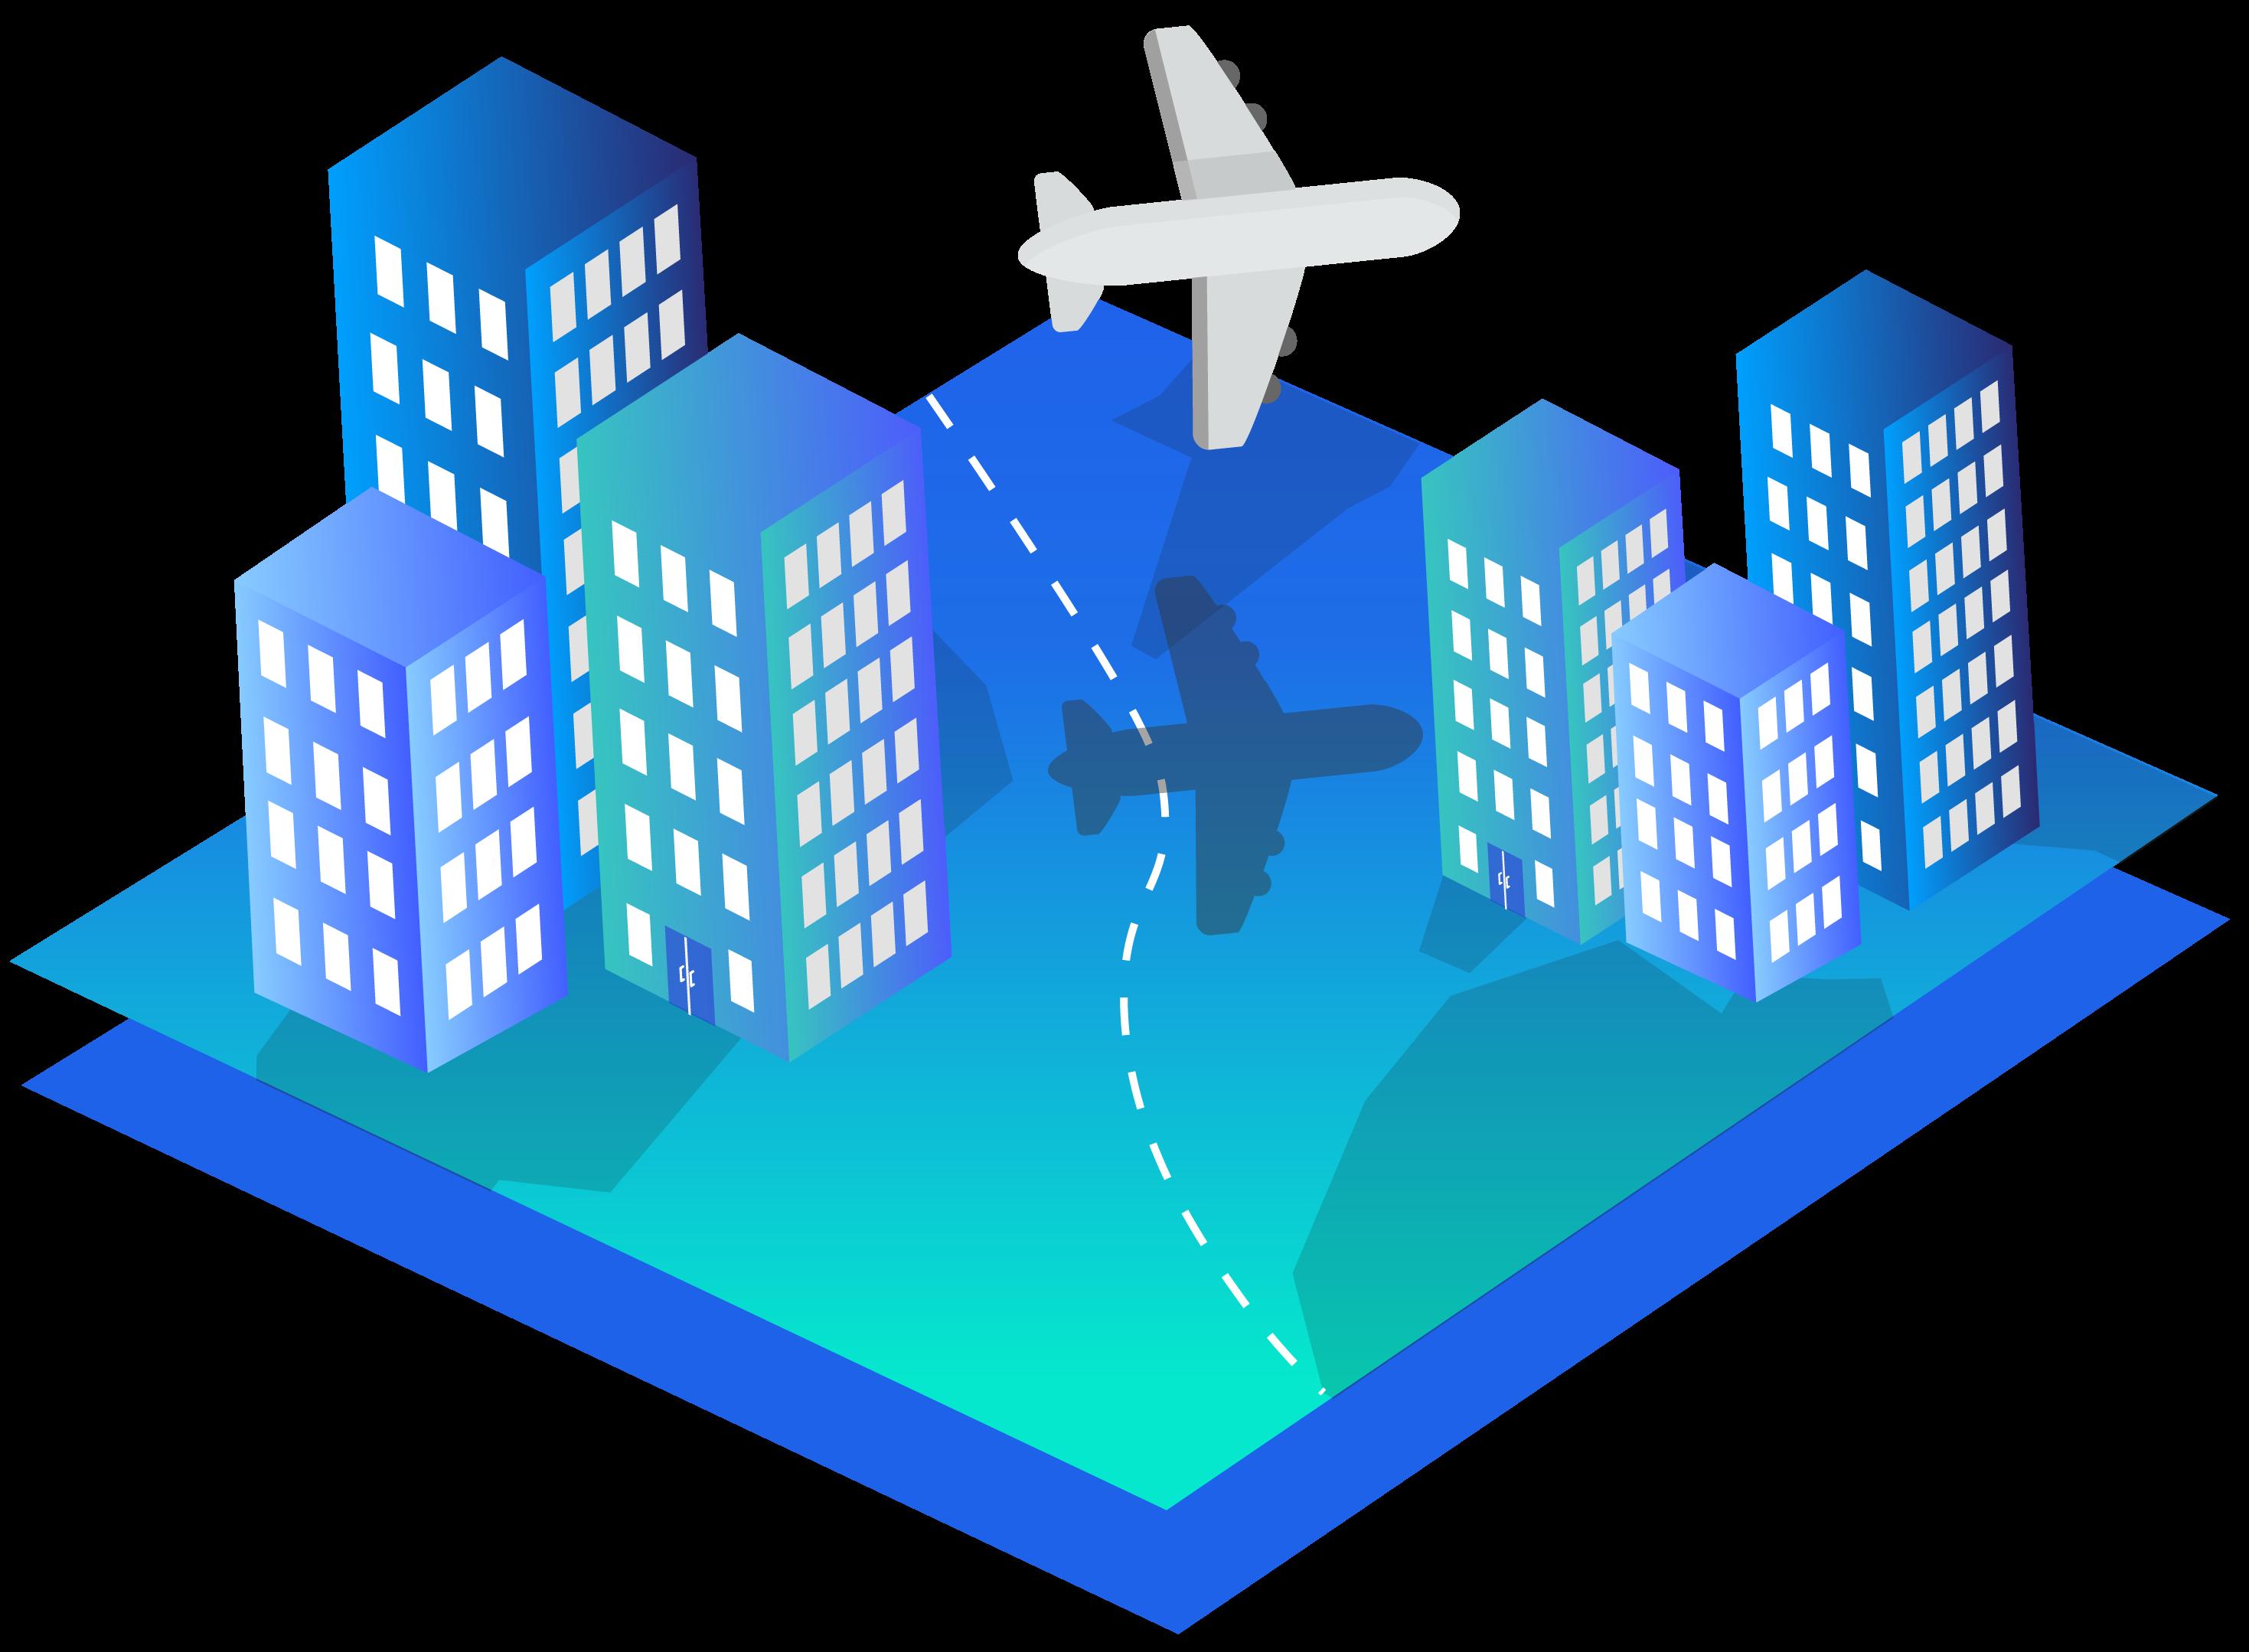 winglet_platform